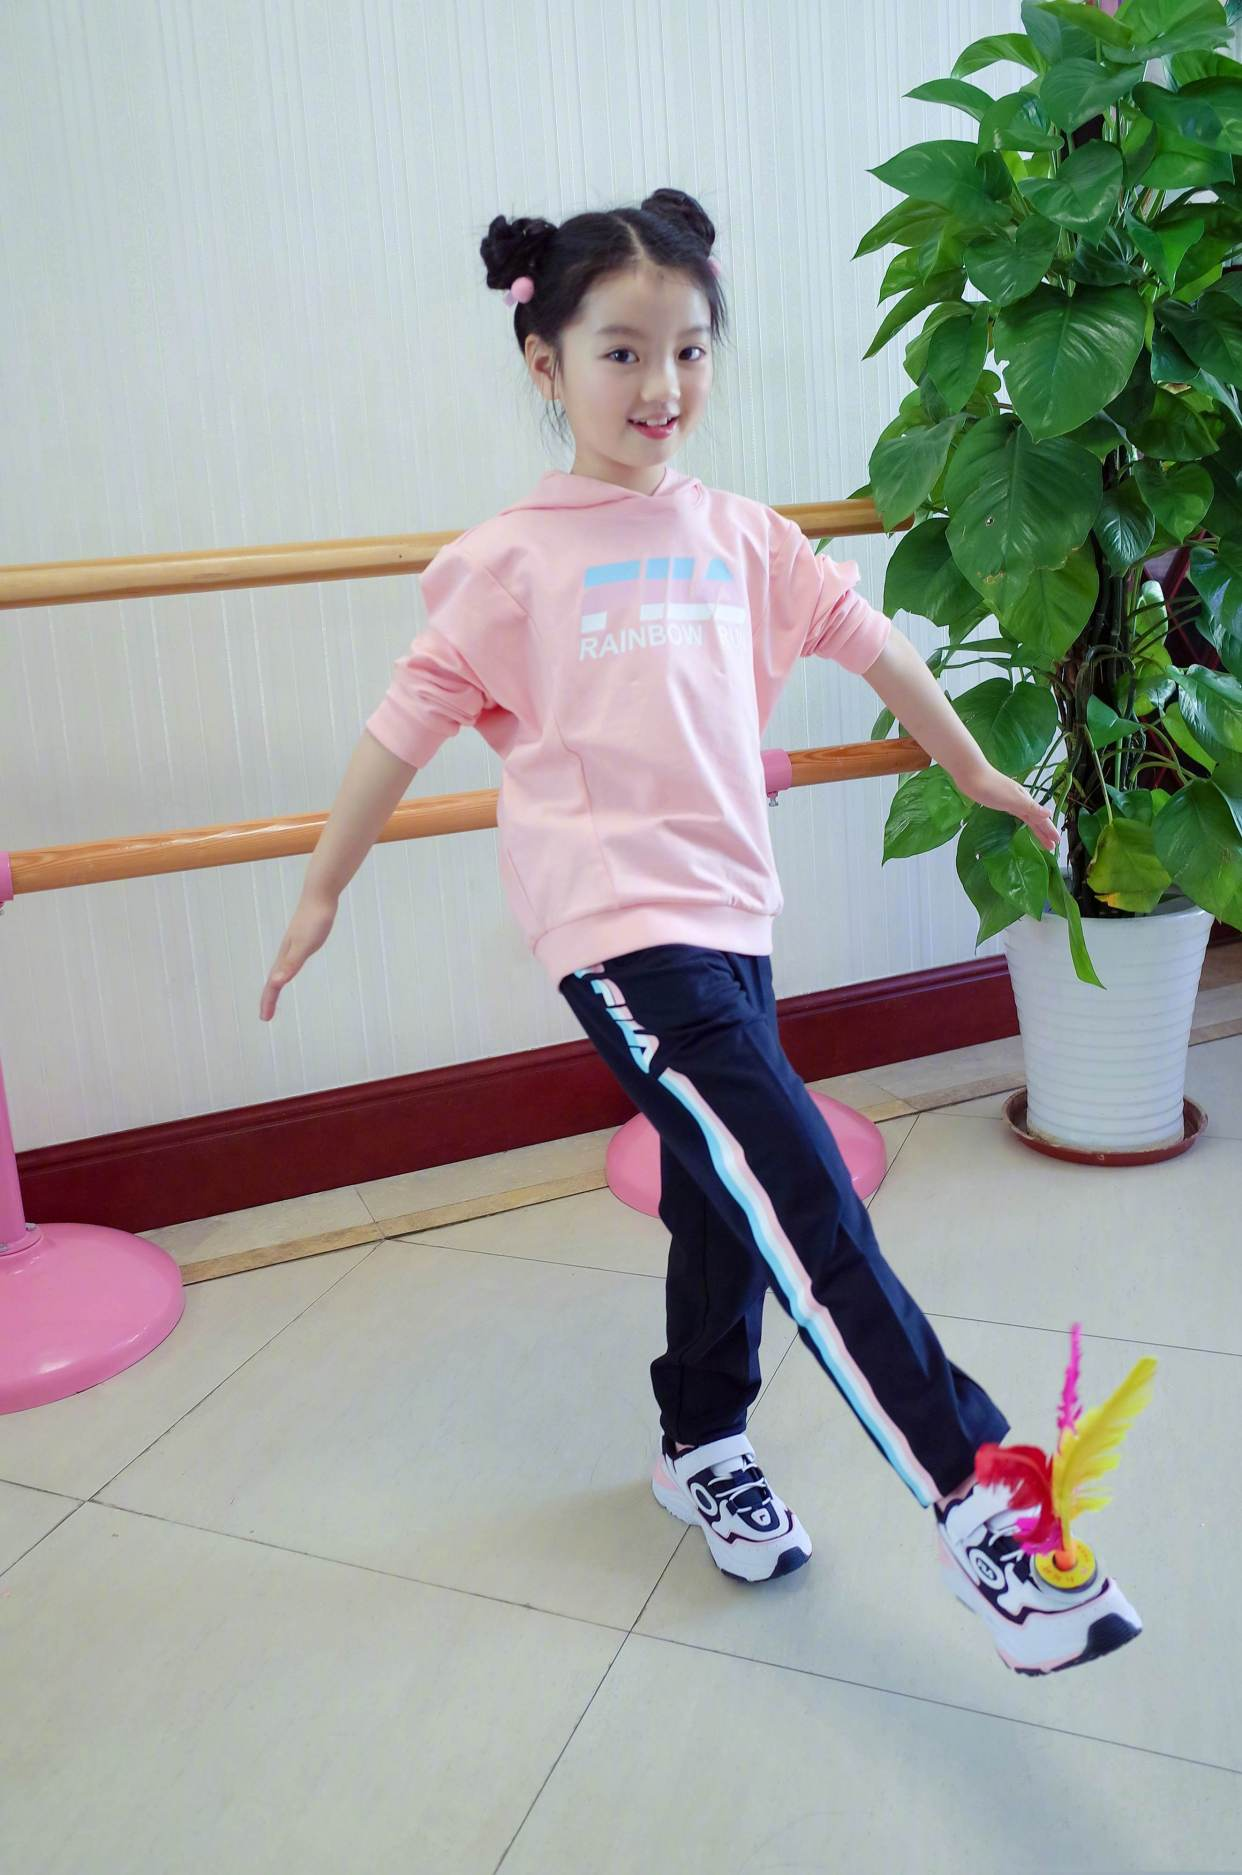 「服装搭配师main」原创阿拉蕾扎哪吒头变运动少女,粉卫衣乖巧可爱,抬腿拉筋秀舞蹈功底